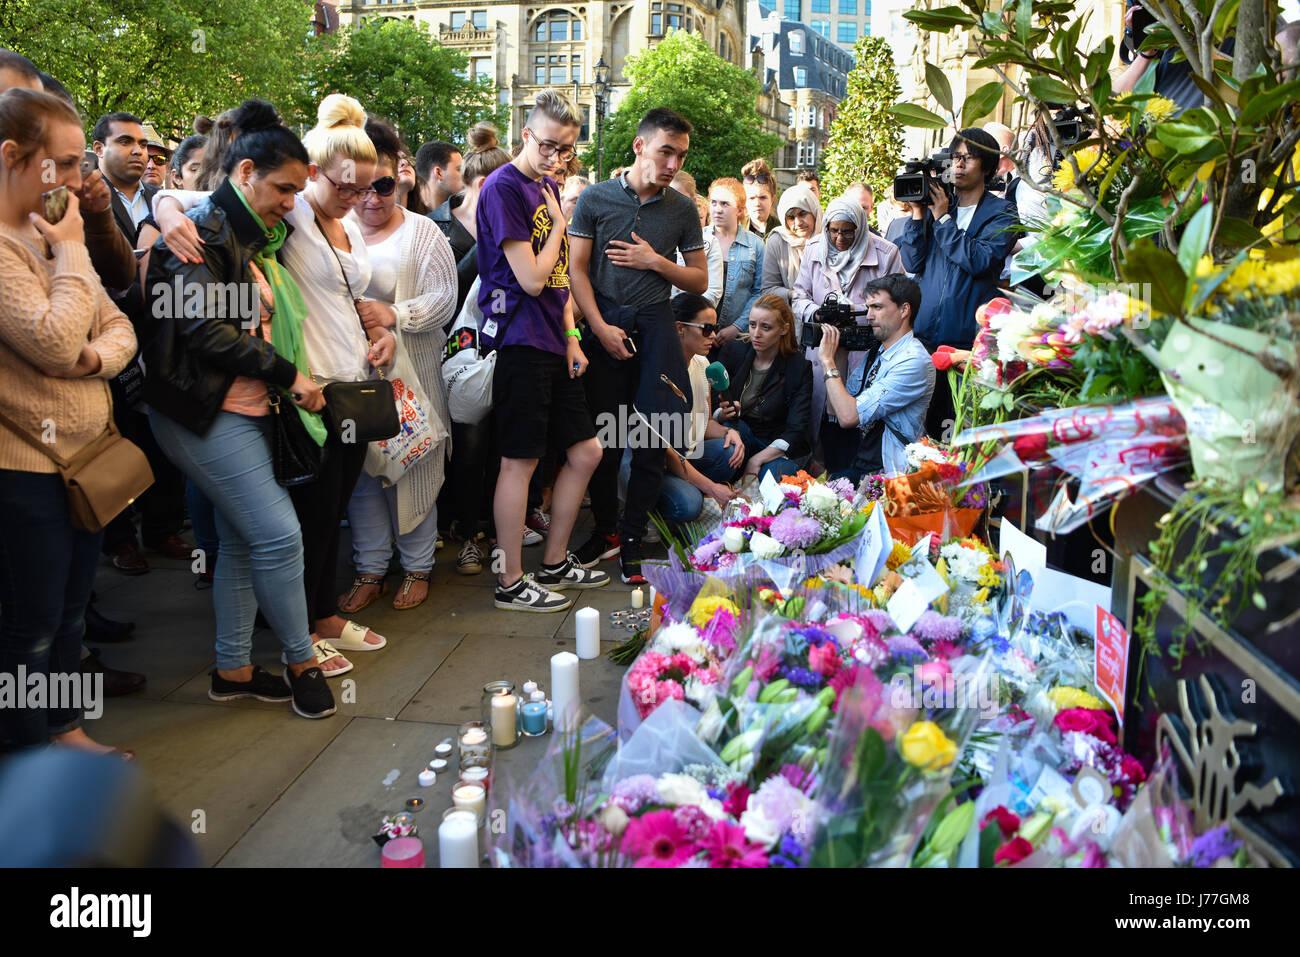 Manchester, Reino Unido. 23 Mayo, 2017. Multitudes emocional se reunieron en una vigilia en Manchester, Albert Square Imagen De Stock